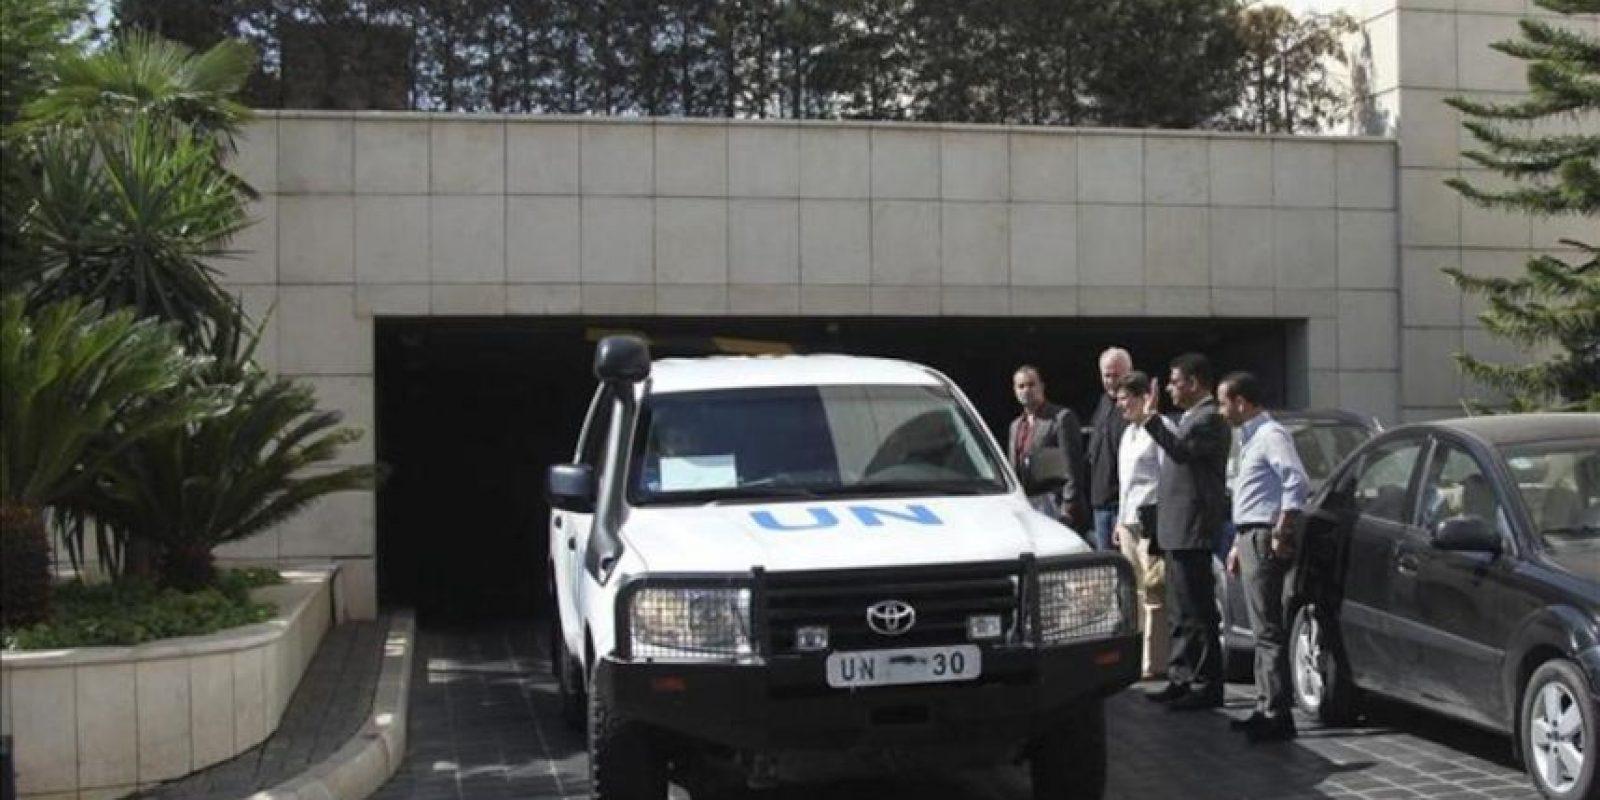 El jefe del equipo de inspectores de Naciones Unidas (ONU), Ake Sellstrom (2-i), y la alta representante de Naciones Unidas para Asuntos de Desarme, Angela Kane (3-i), se despiden del equipo de investigadores a su salida del hotel Four Seasons de Damasco (Siria) hoy miércoles 28 de agosto 2013. EFE